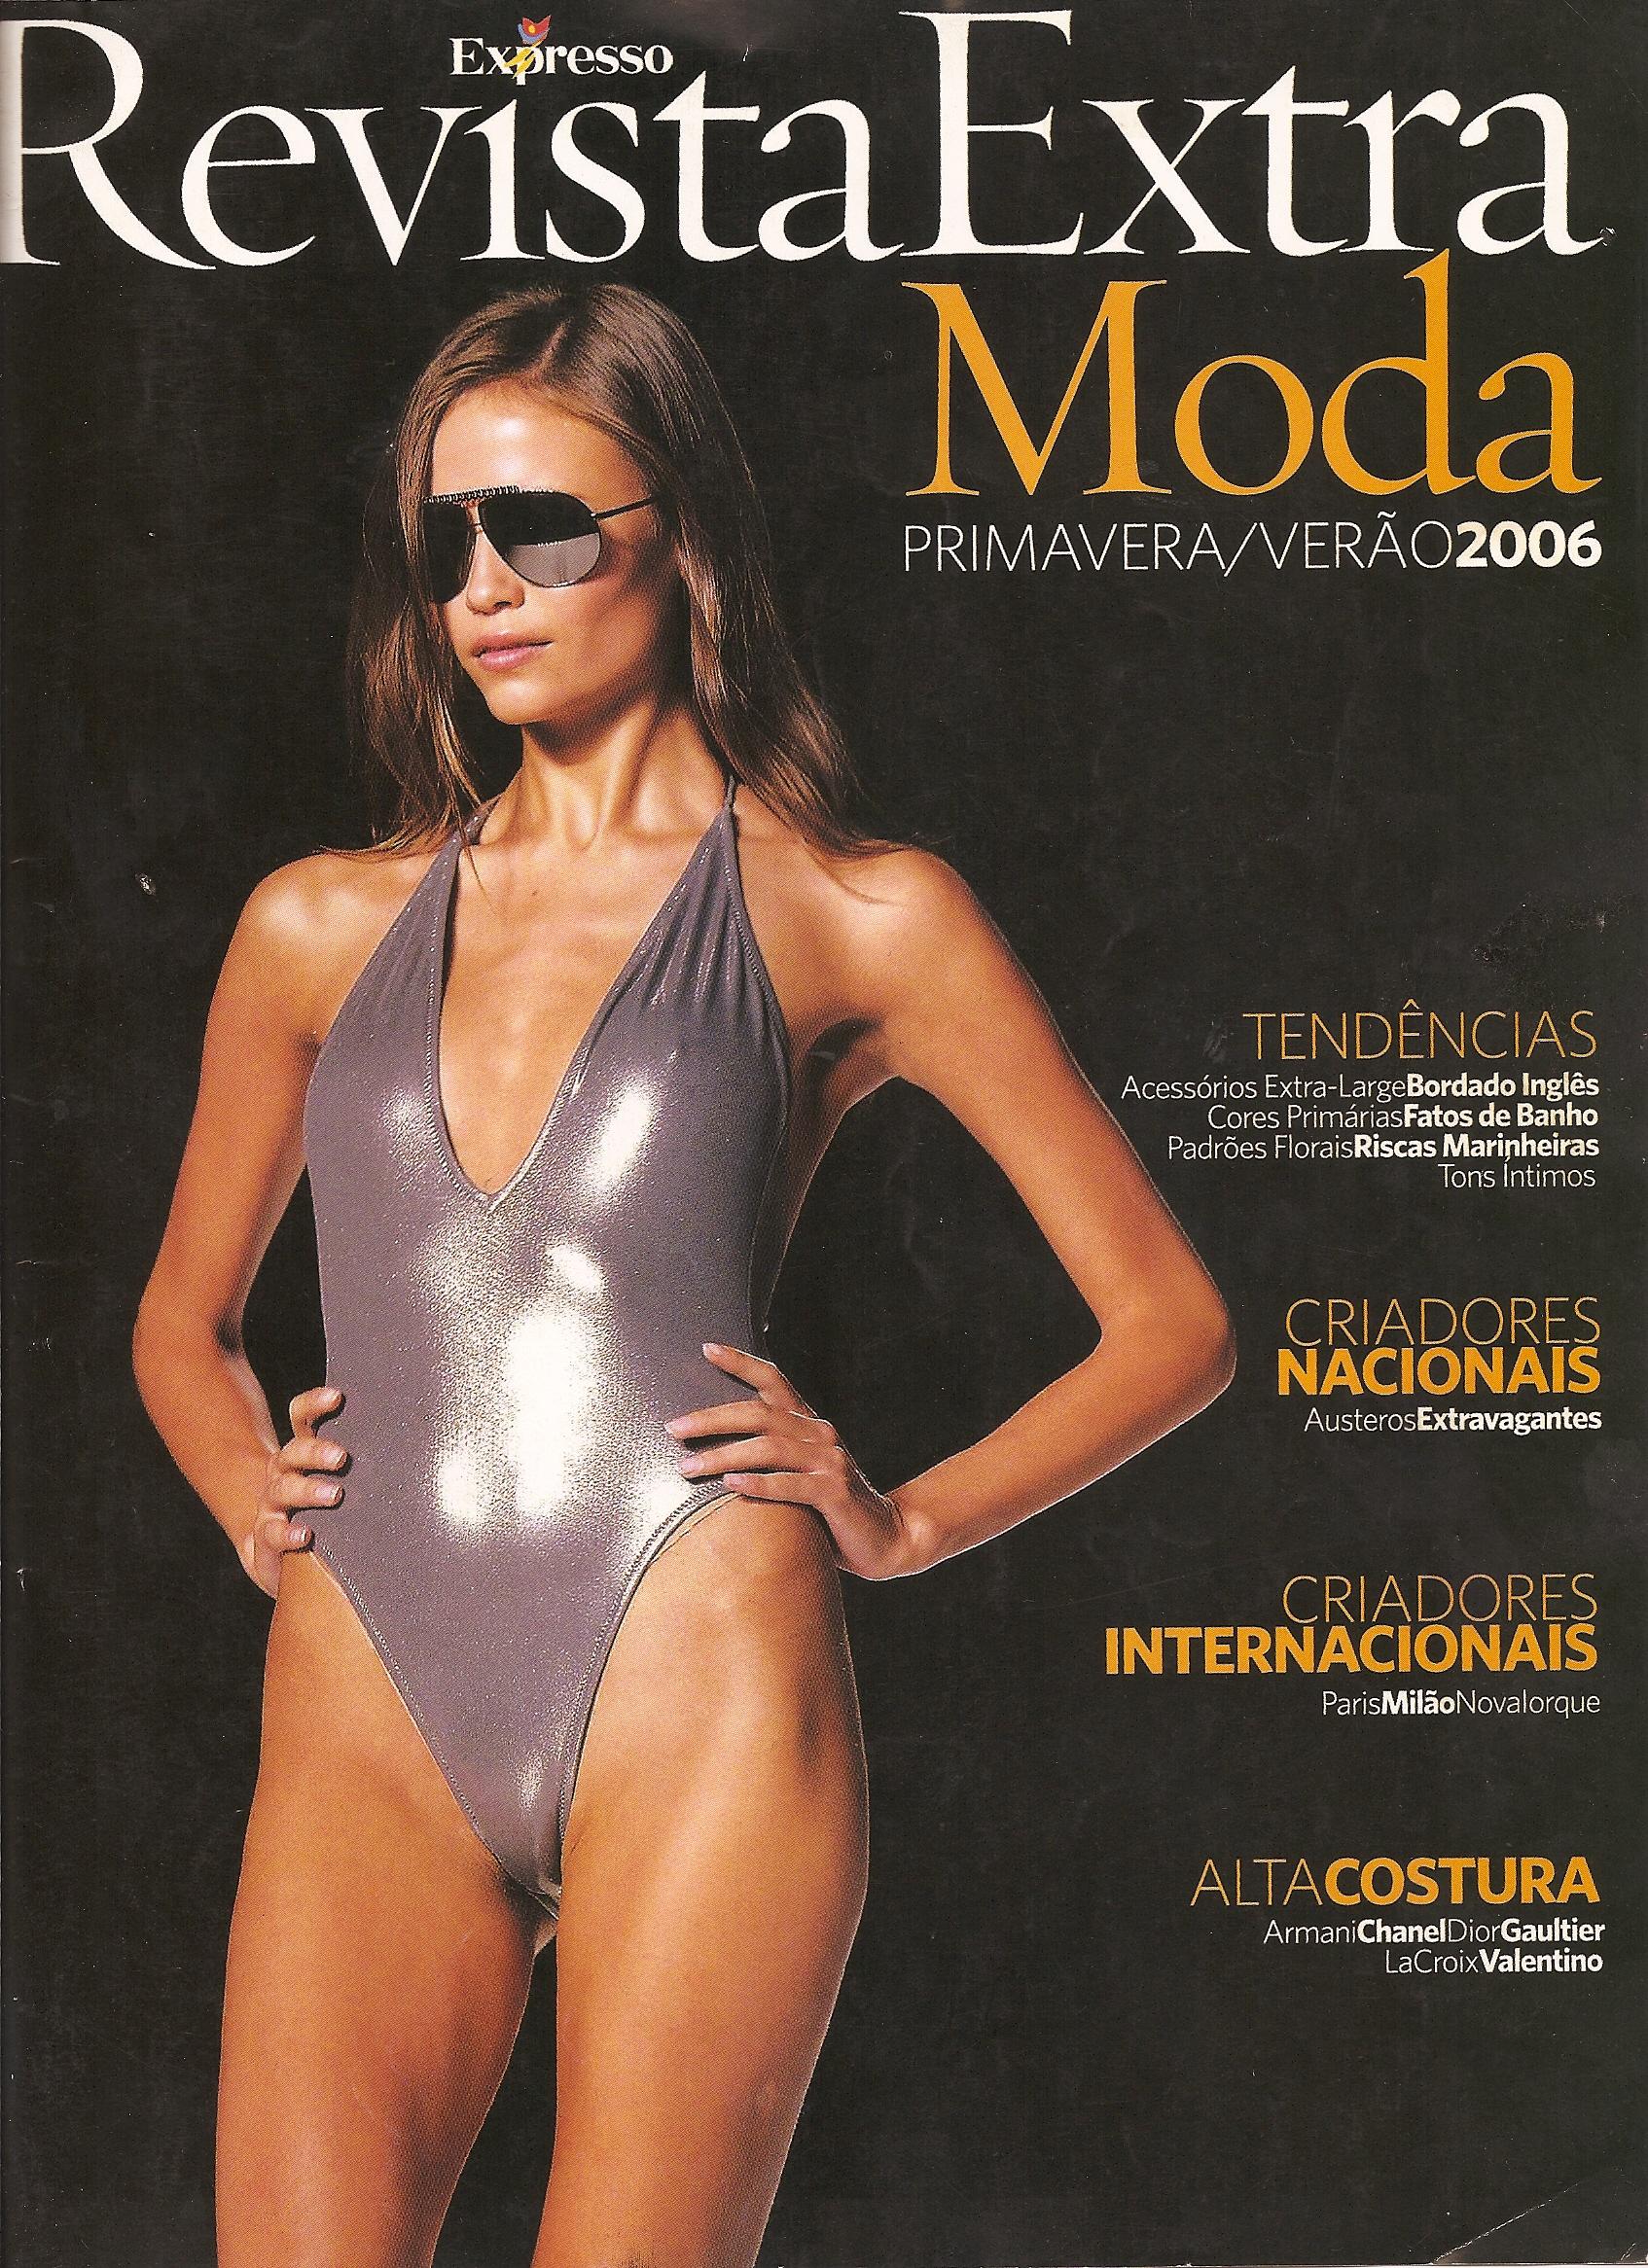 Expresso-RE-Moda-cover-20060401